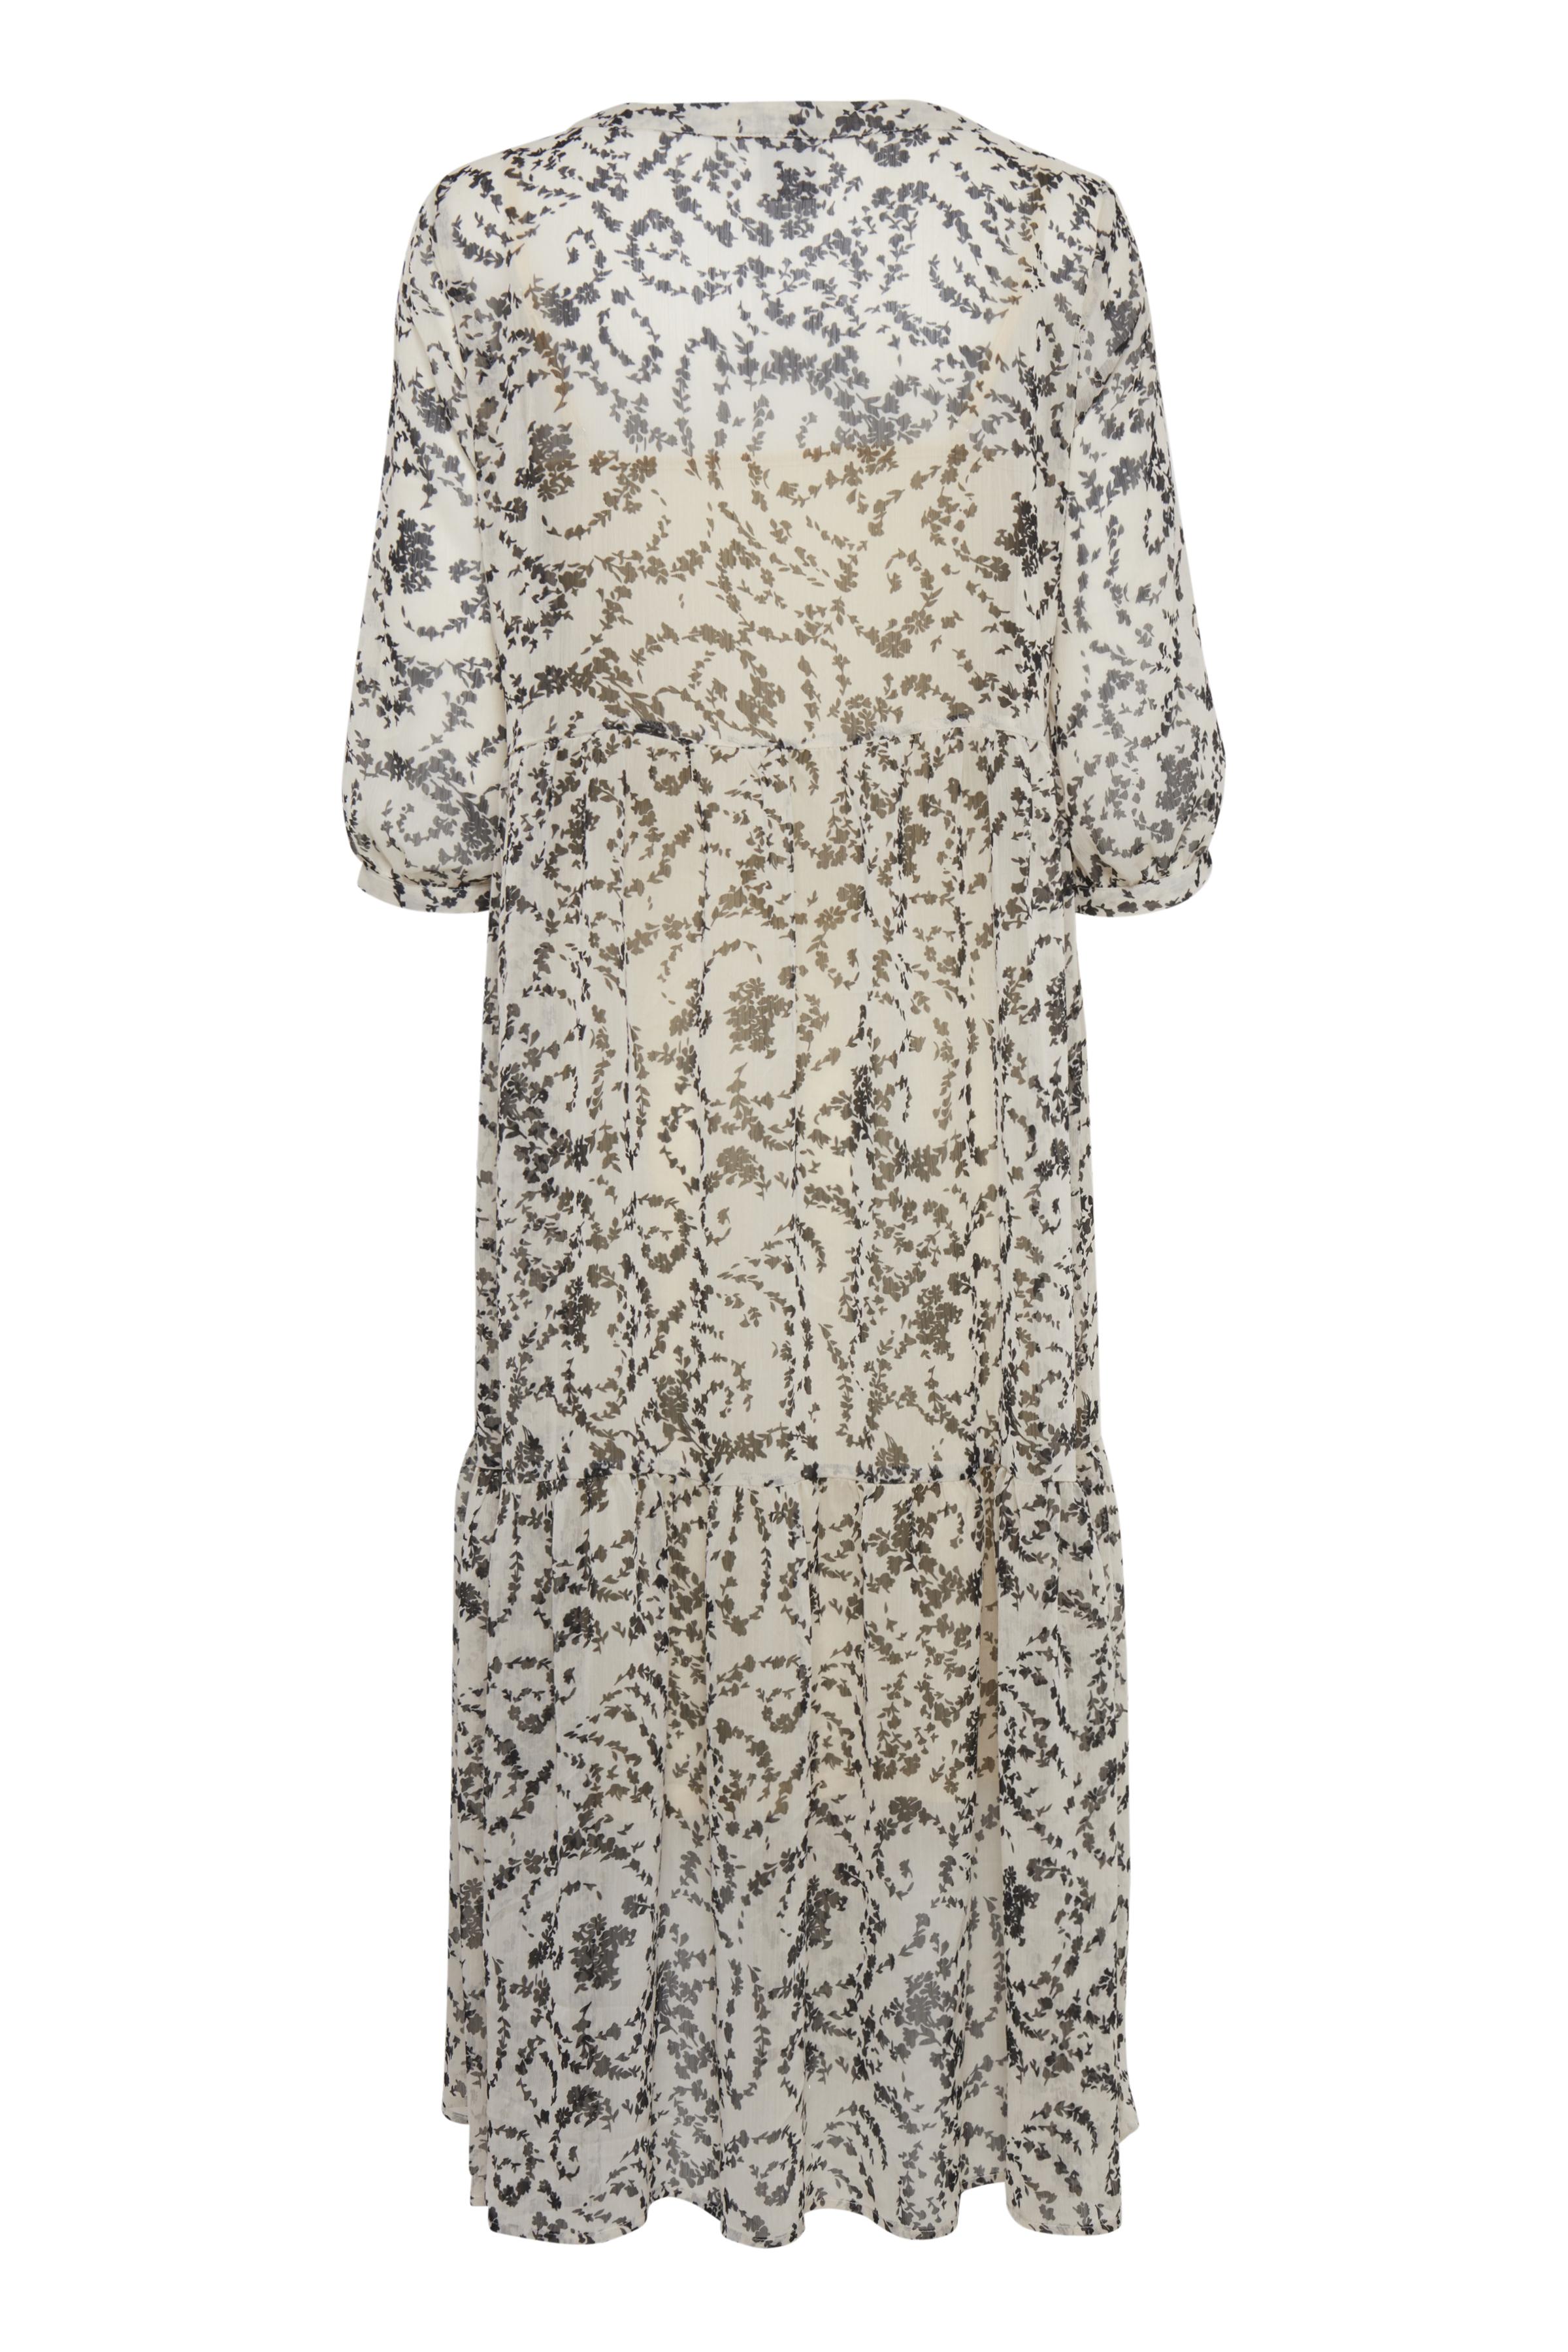 White Swan Kjole – Køb White Swan Kjole fra str. 34-42 her